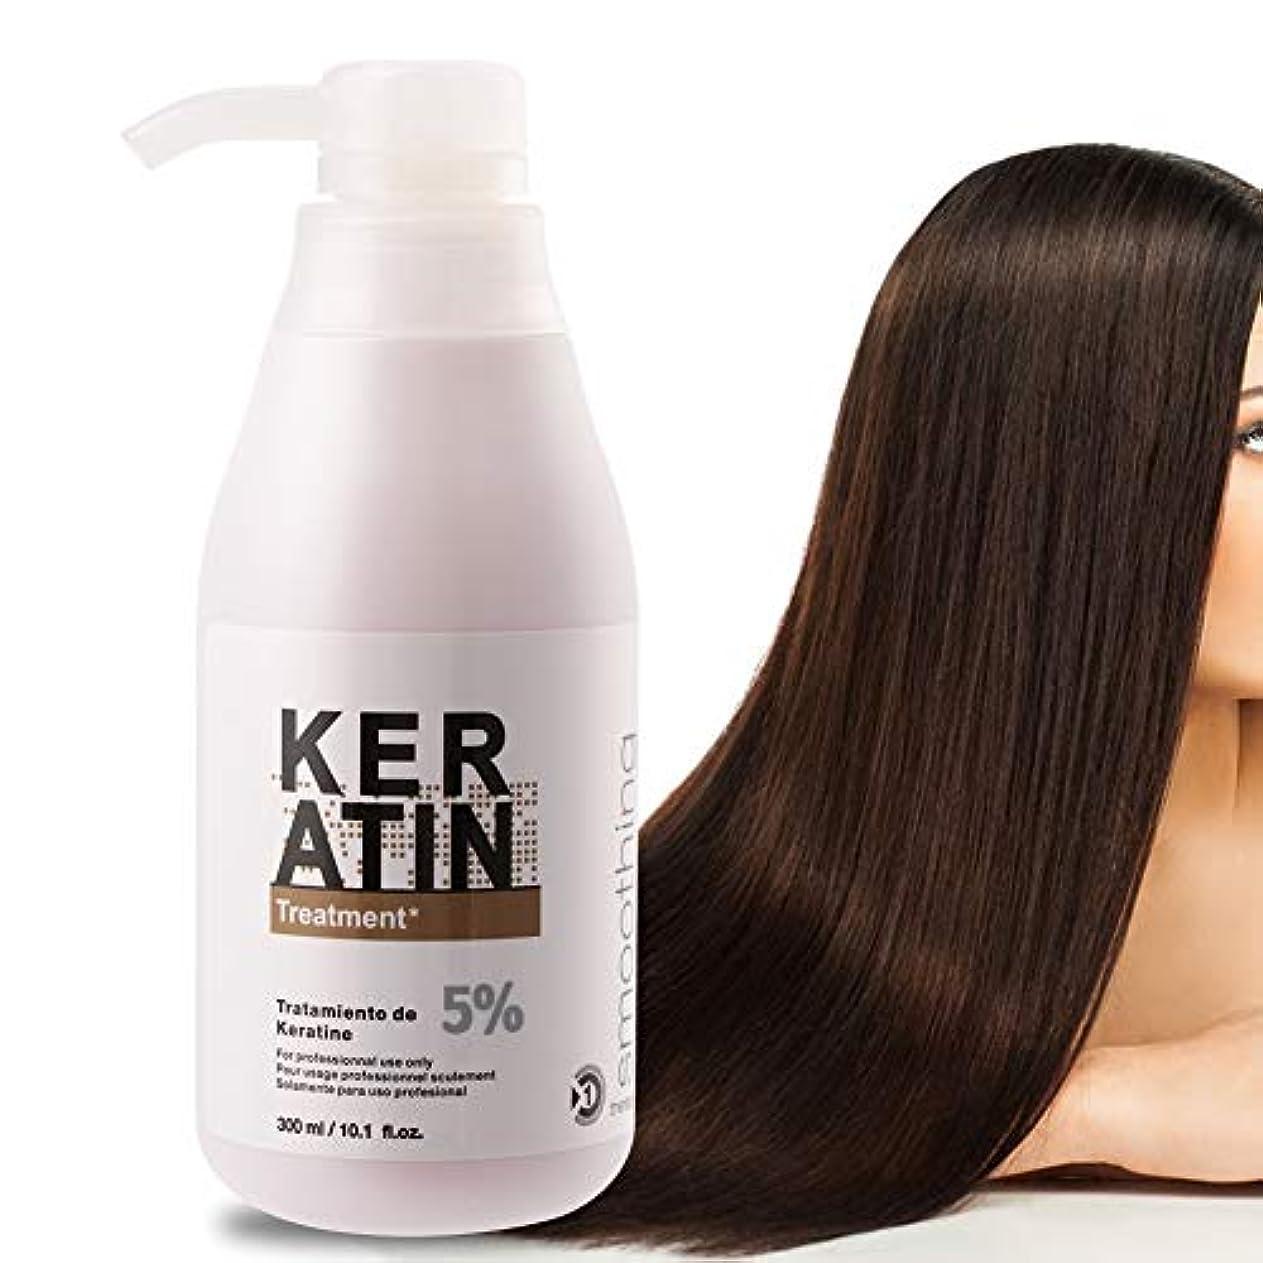 論理的にミント故障乾いた、ダメージを受けた、そして化学的に処理された髪のためのケラチンとタンパク質のケラチンヘアマスク、300mlブラジルのケラチンヘアトリートメント